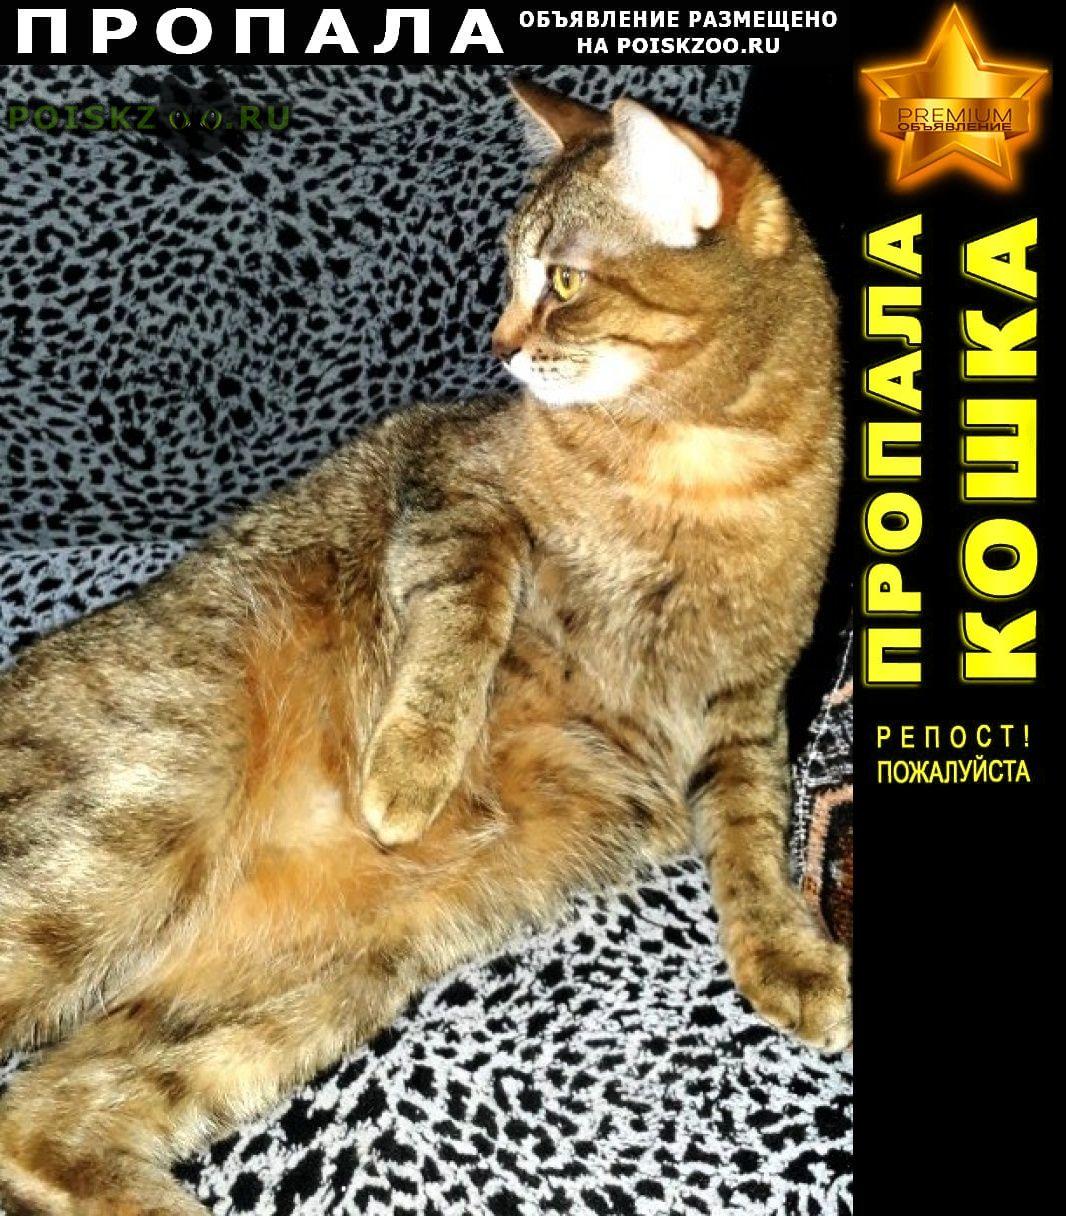 Пропала кошка sos Новосибирск